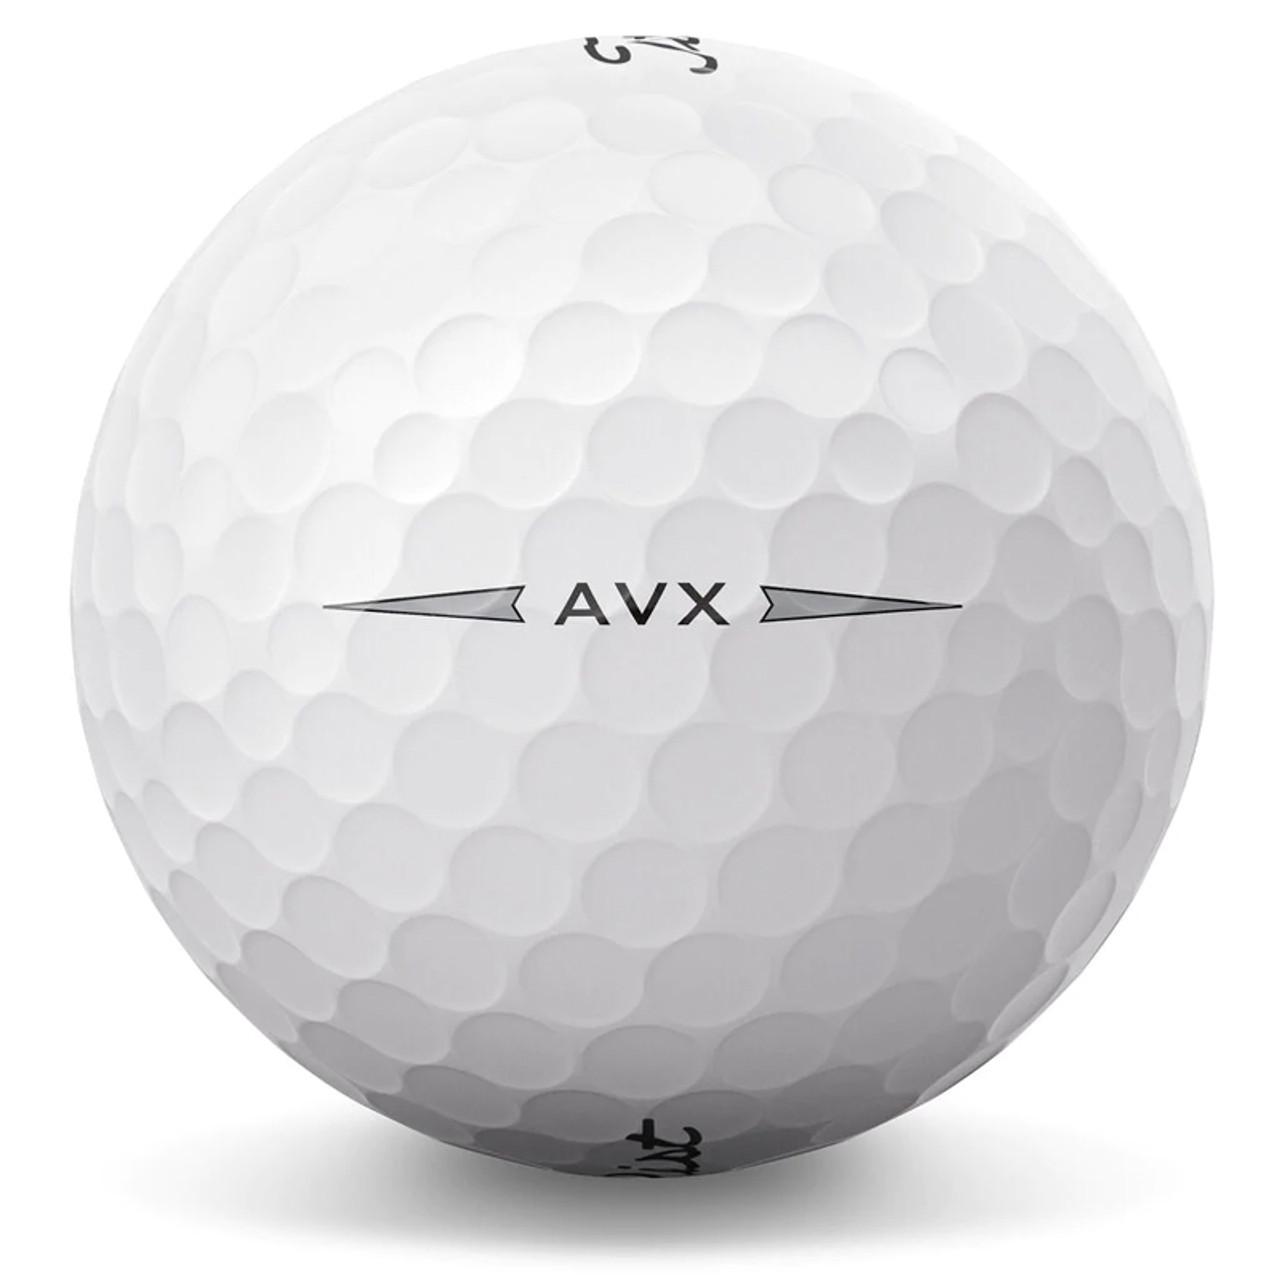 Titleist AVX Dozen Golf Balls